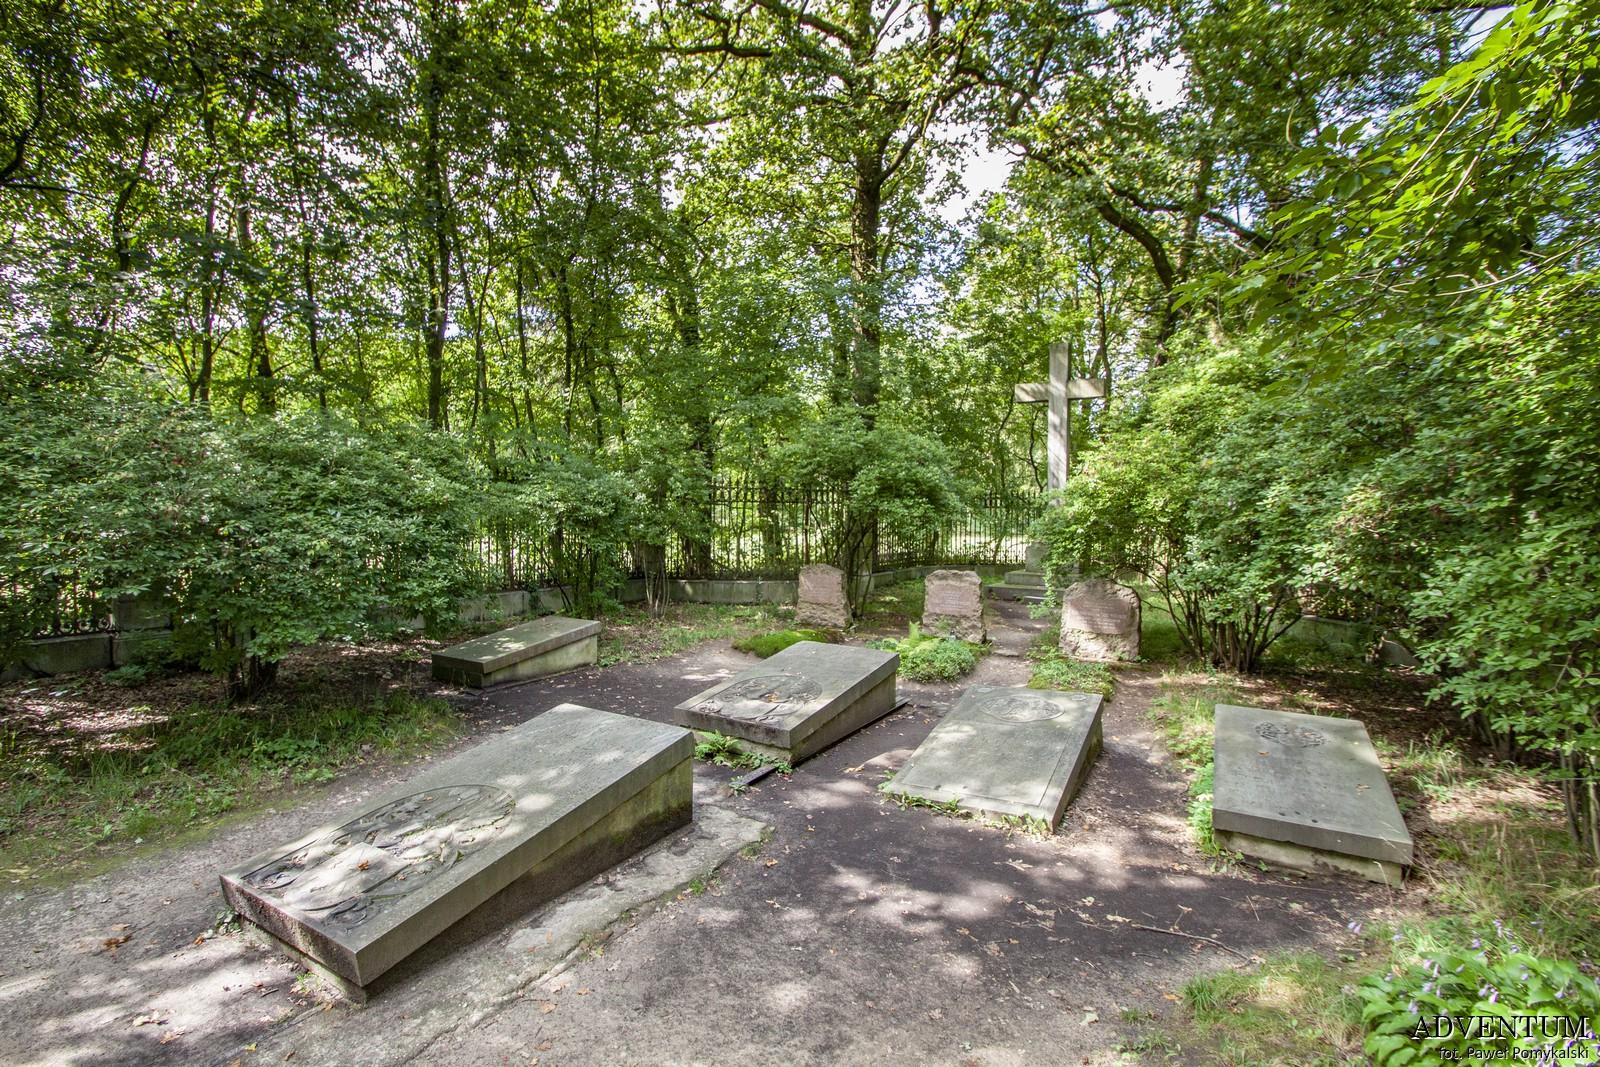 Cmentarze Górny Śląsk Cmentarz nekropiloia Moszna